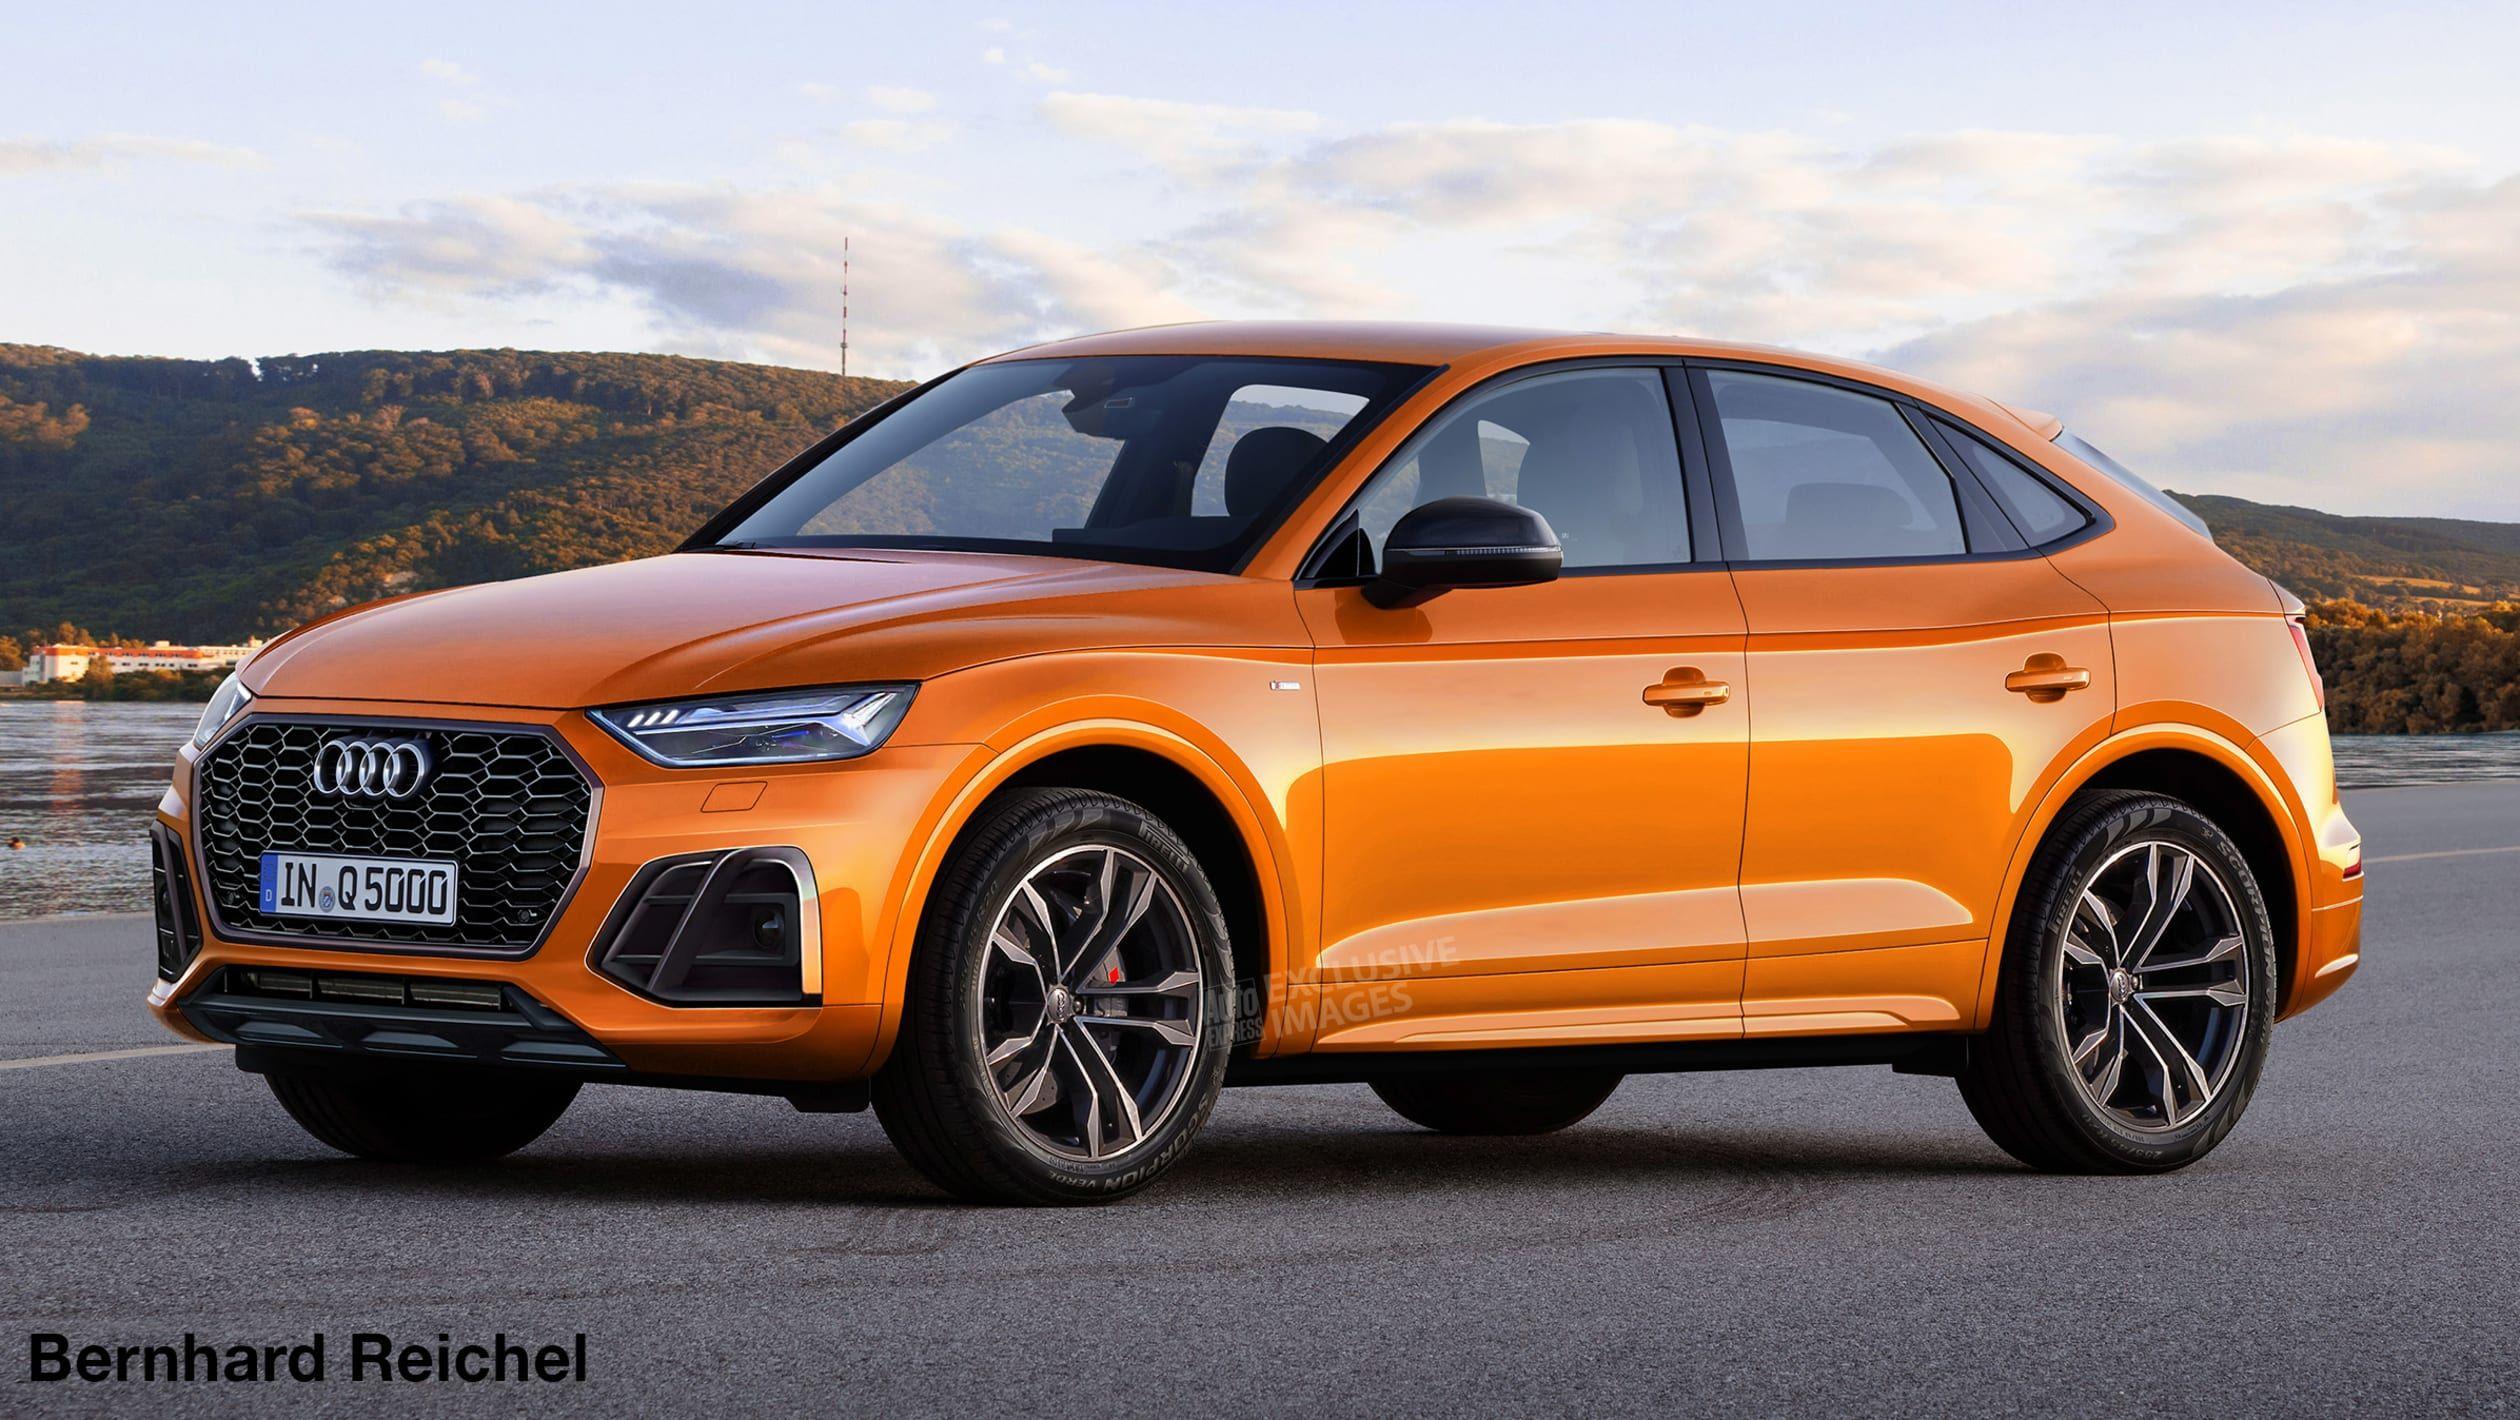 2021 Audi Q5 Sportback | Audi q5, Bmw x4, Audi